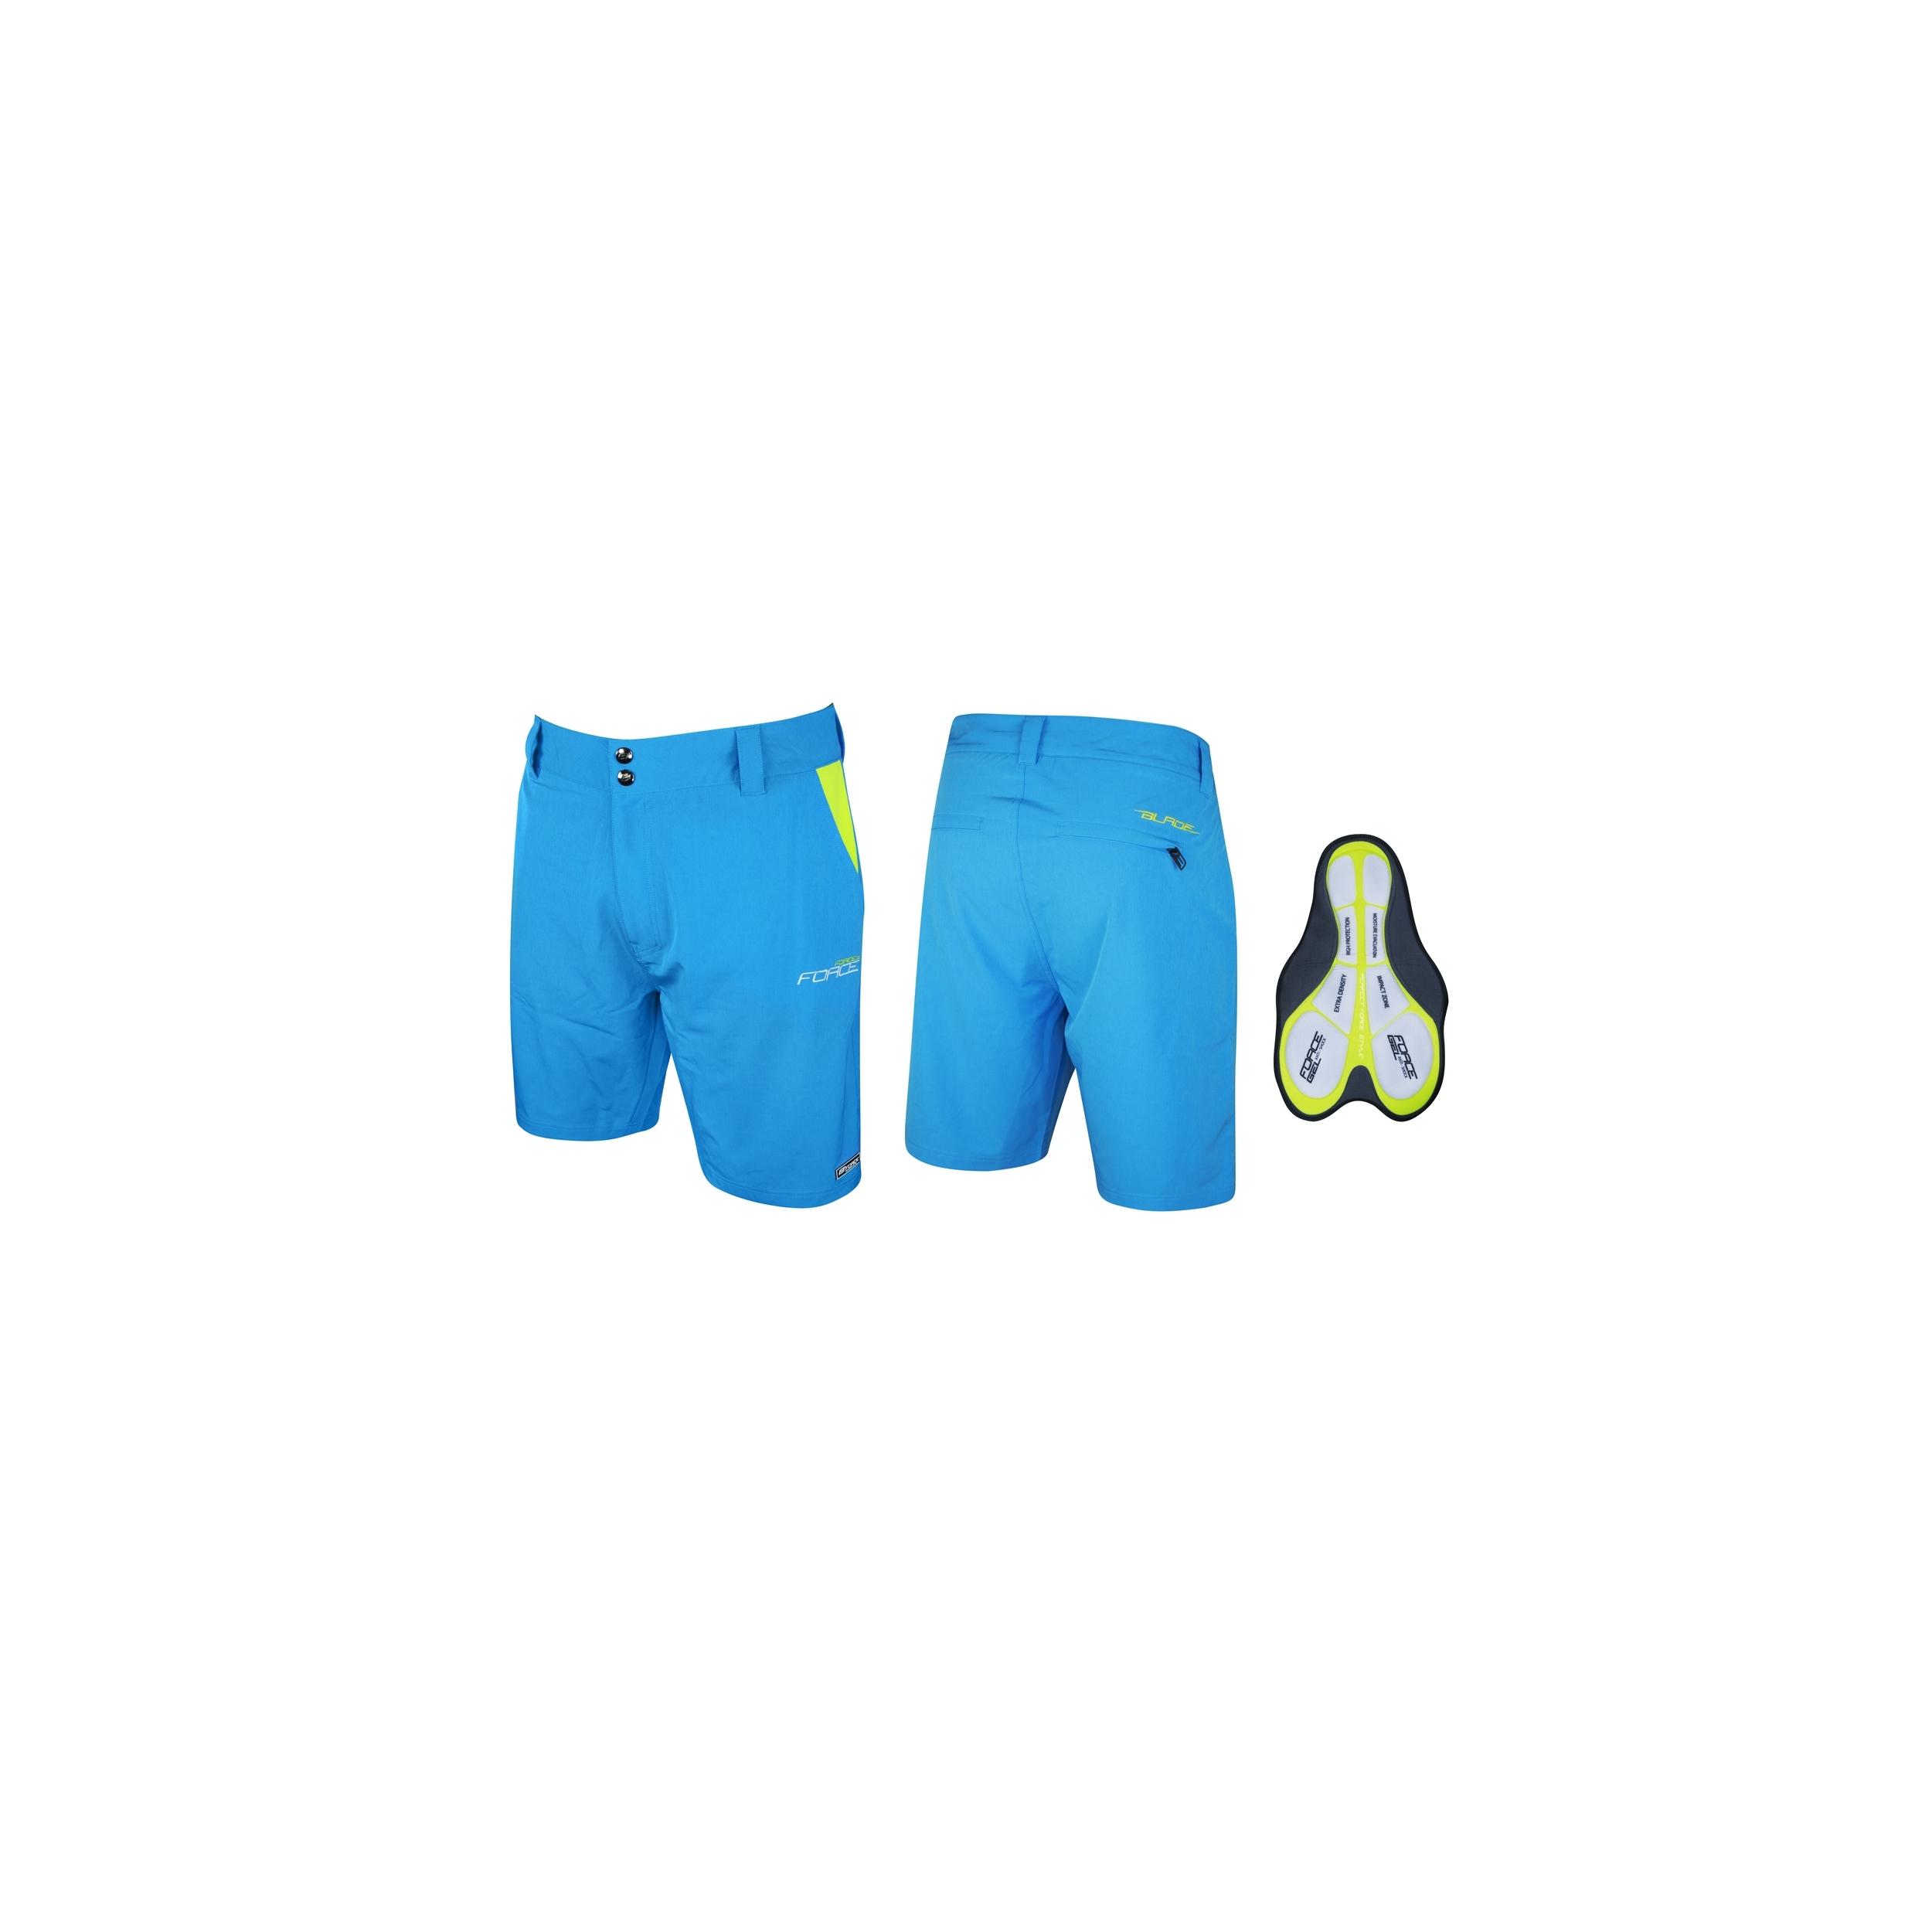 d6a57358879f1 Kraťasy F BLADE MTB s odnímatelnou vložkou,modré XL